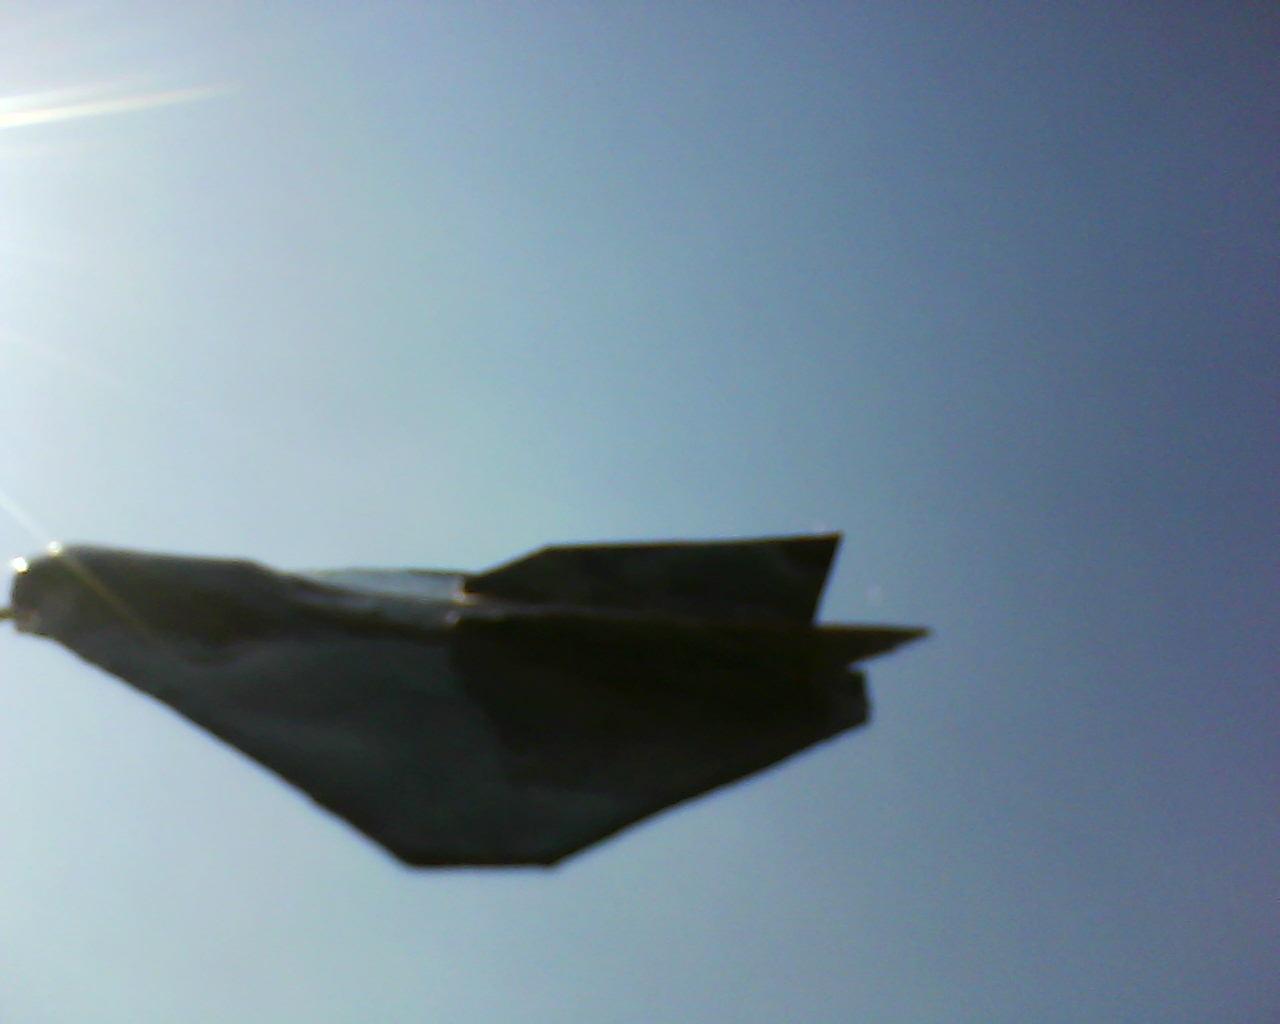 SEGURANÇA NACIONAL SNB BRASIL: UAV BAE Demon: O Voo sem